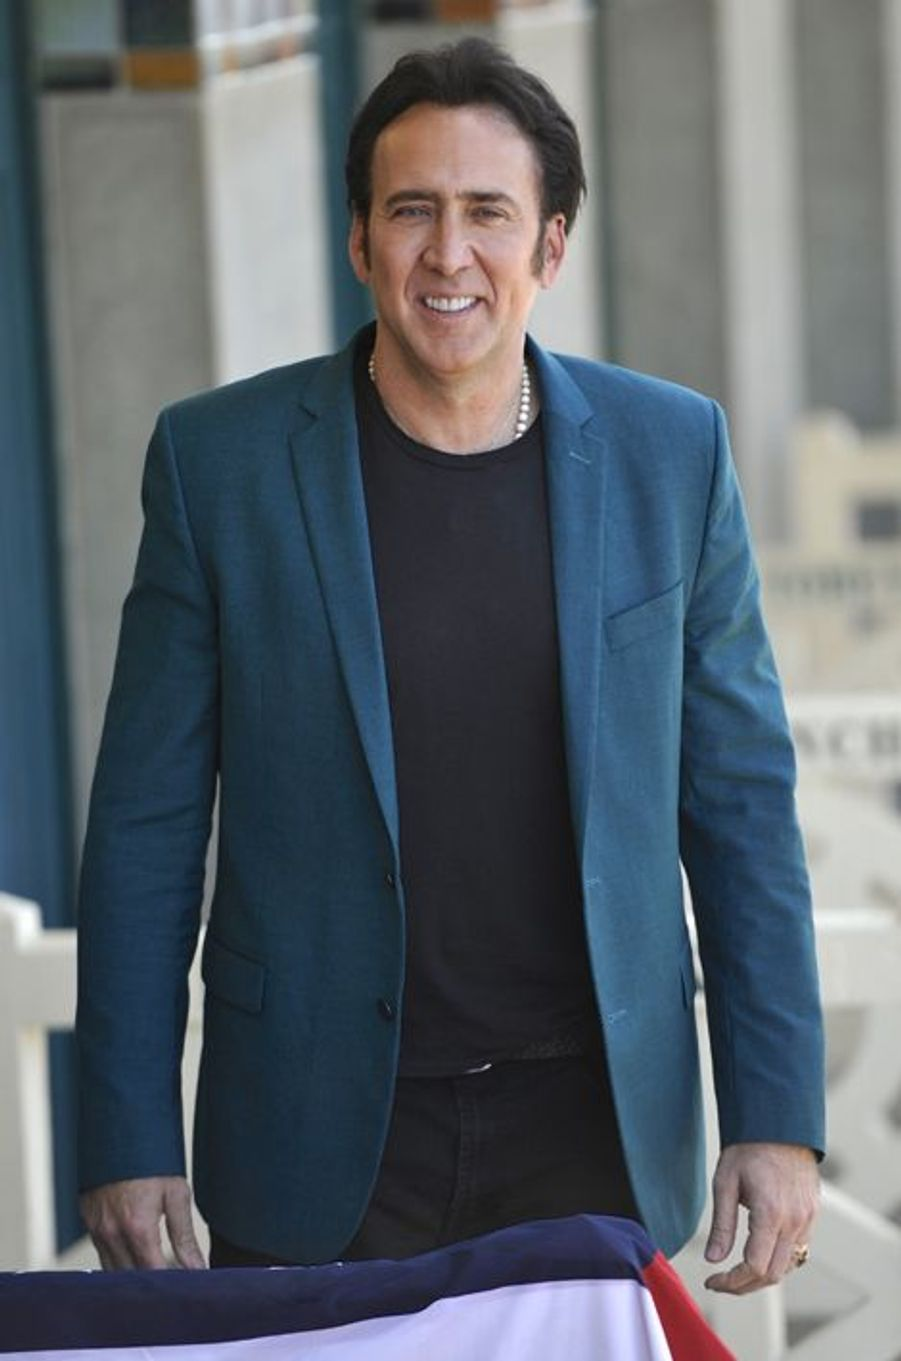 L'acteur a deux fils : Weston (né en 1990 de ses amours avec Kristina Fulton) et Kal-El, né en 2005 de sa relation avec Alice Kim. Pour le benjamin, il s'agit d'une référence direct au nom kryptonien de Superman.